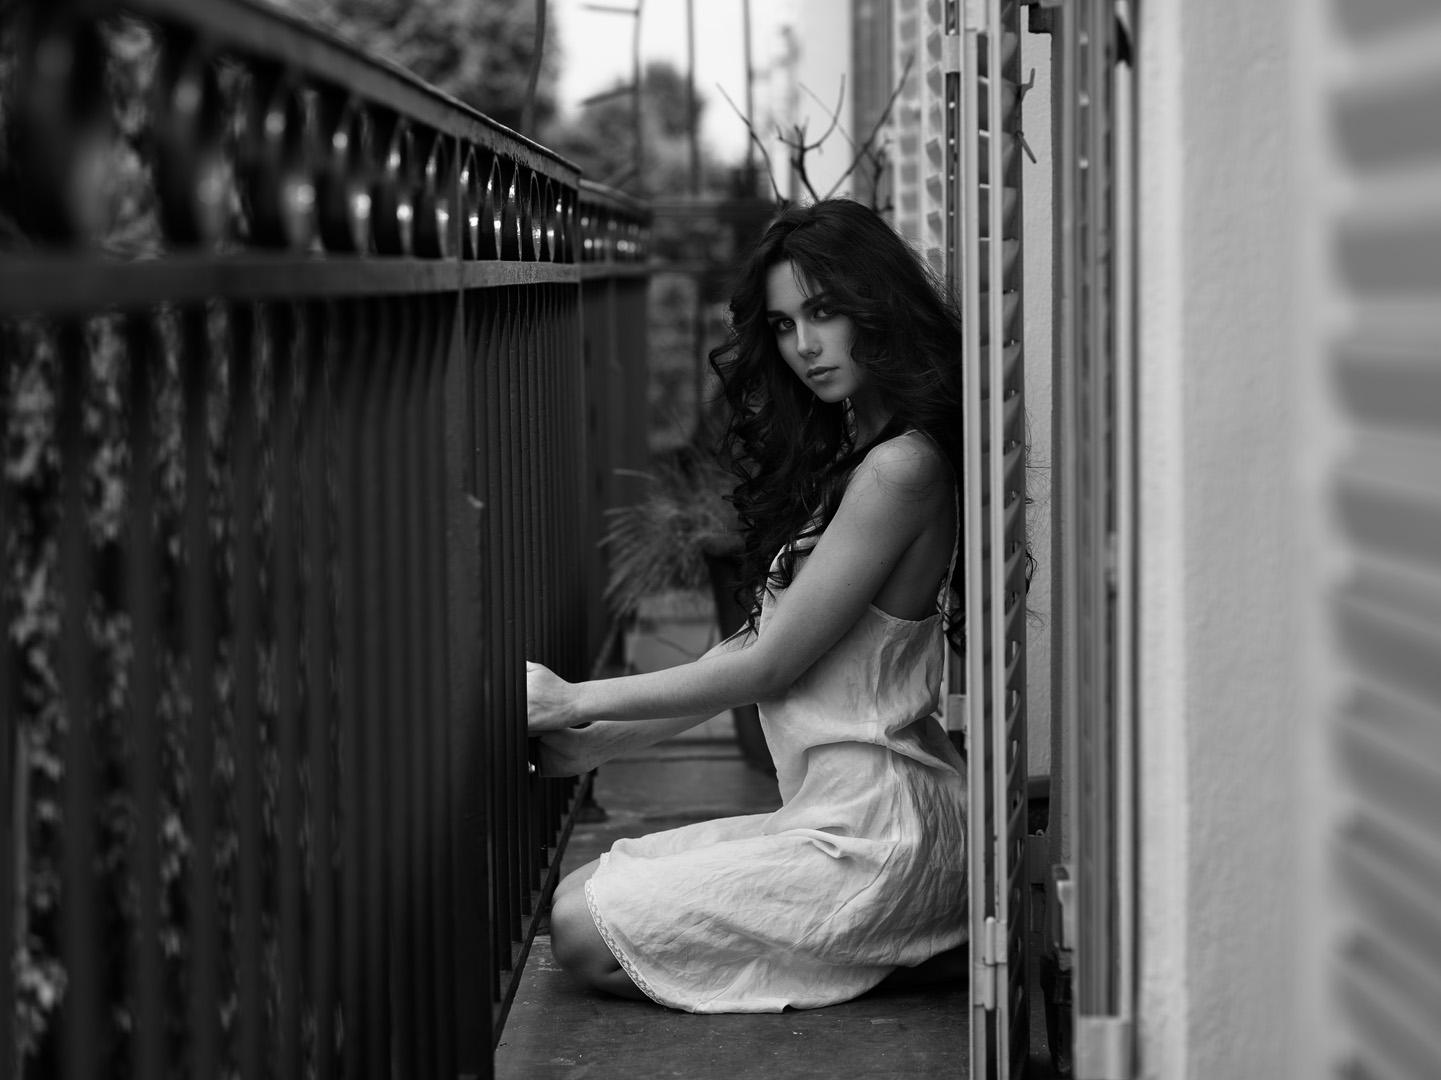 Juliette-170517_0851